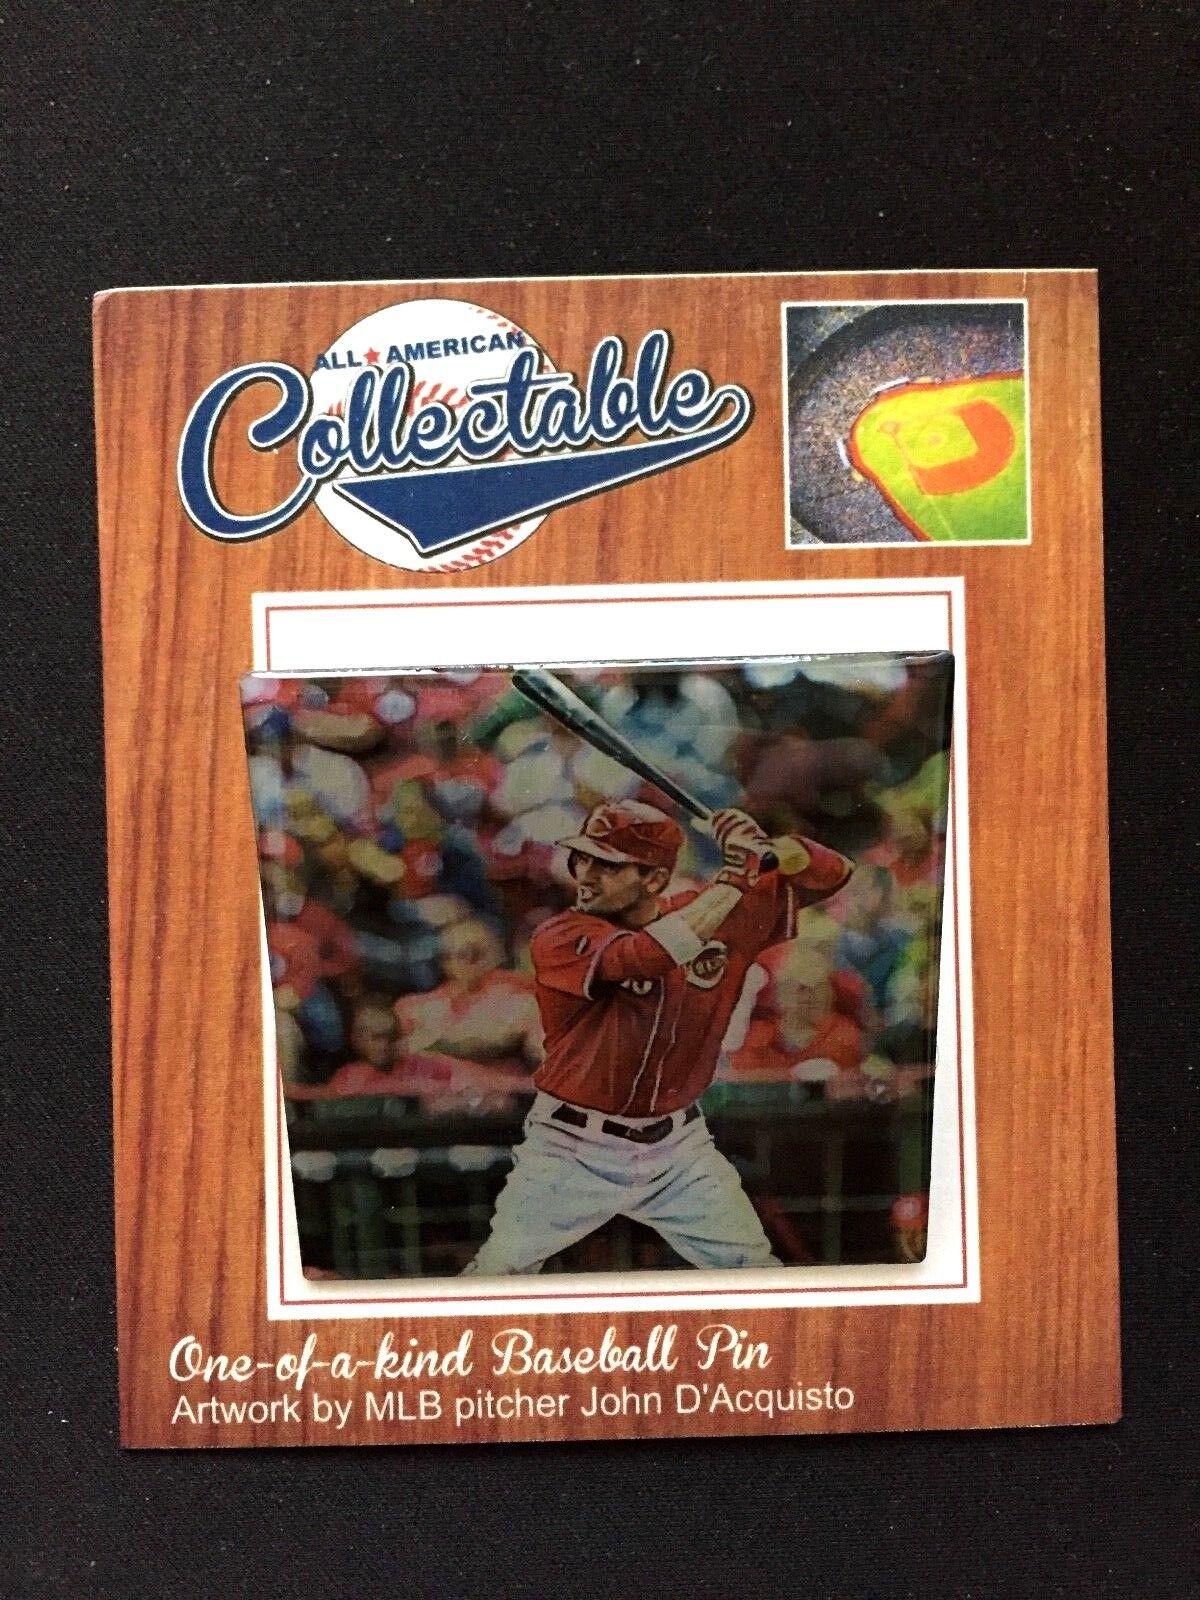 Cincinnati rots Joey Votto Trikot Trikot Trikot Revers Pin-Collectable Memories-2 Classics d0e1e2